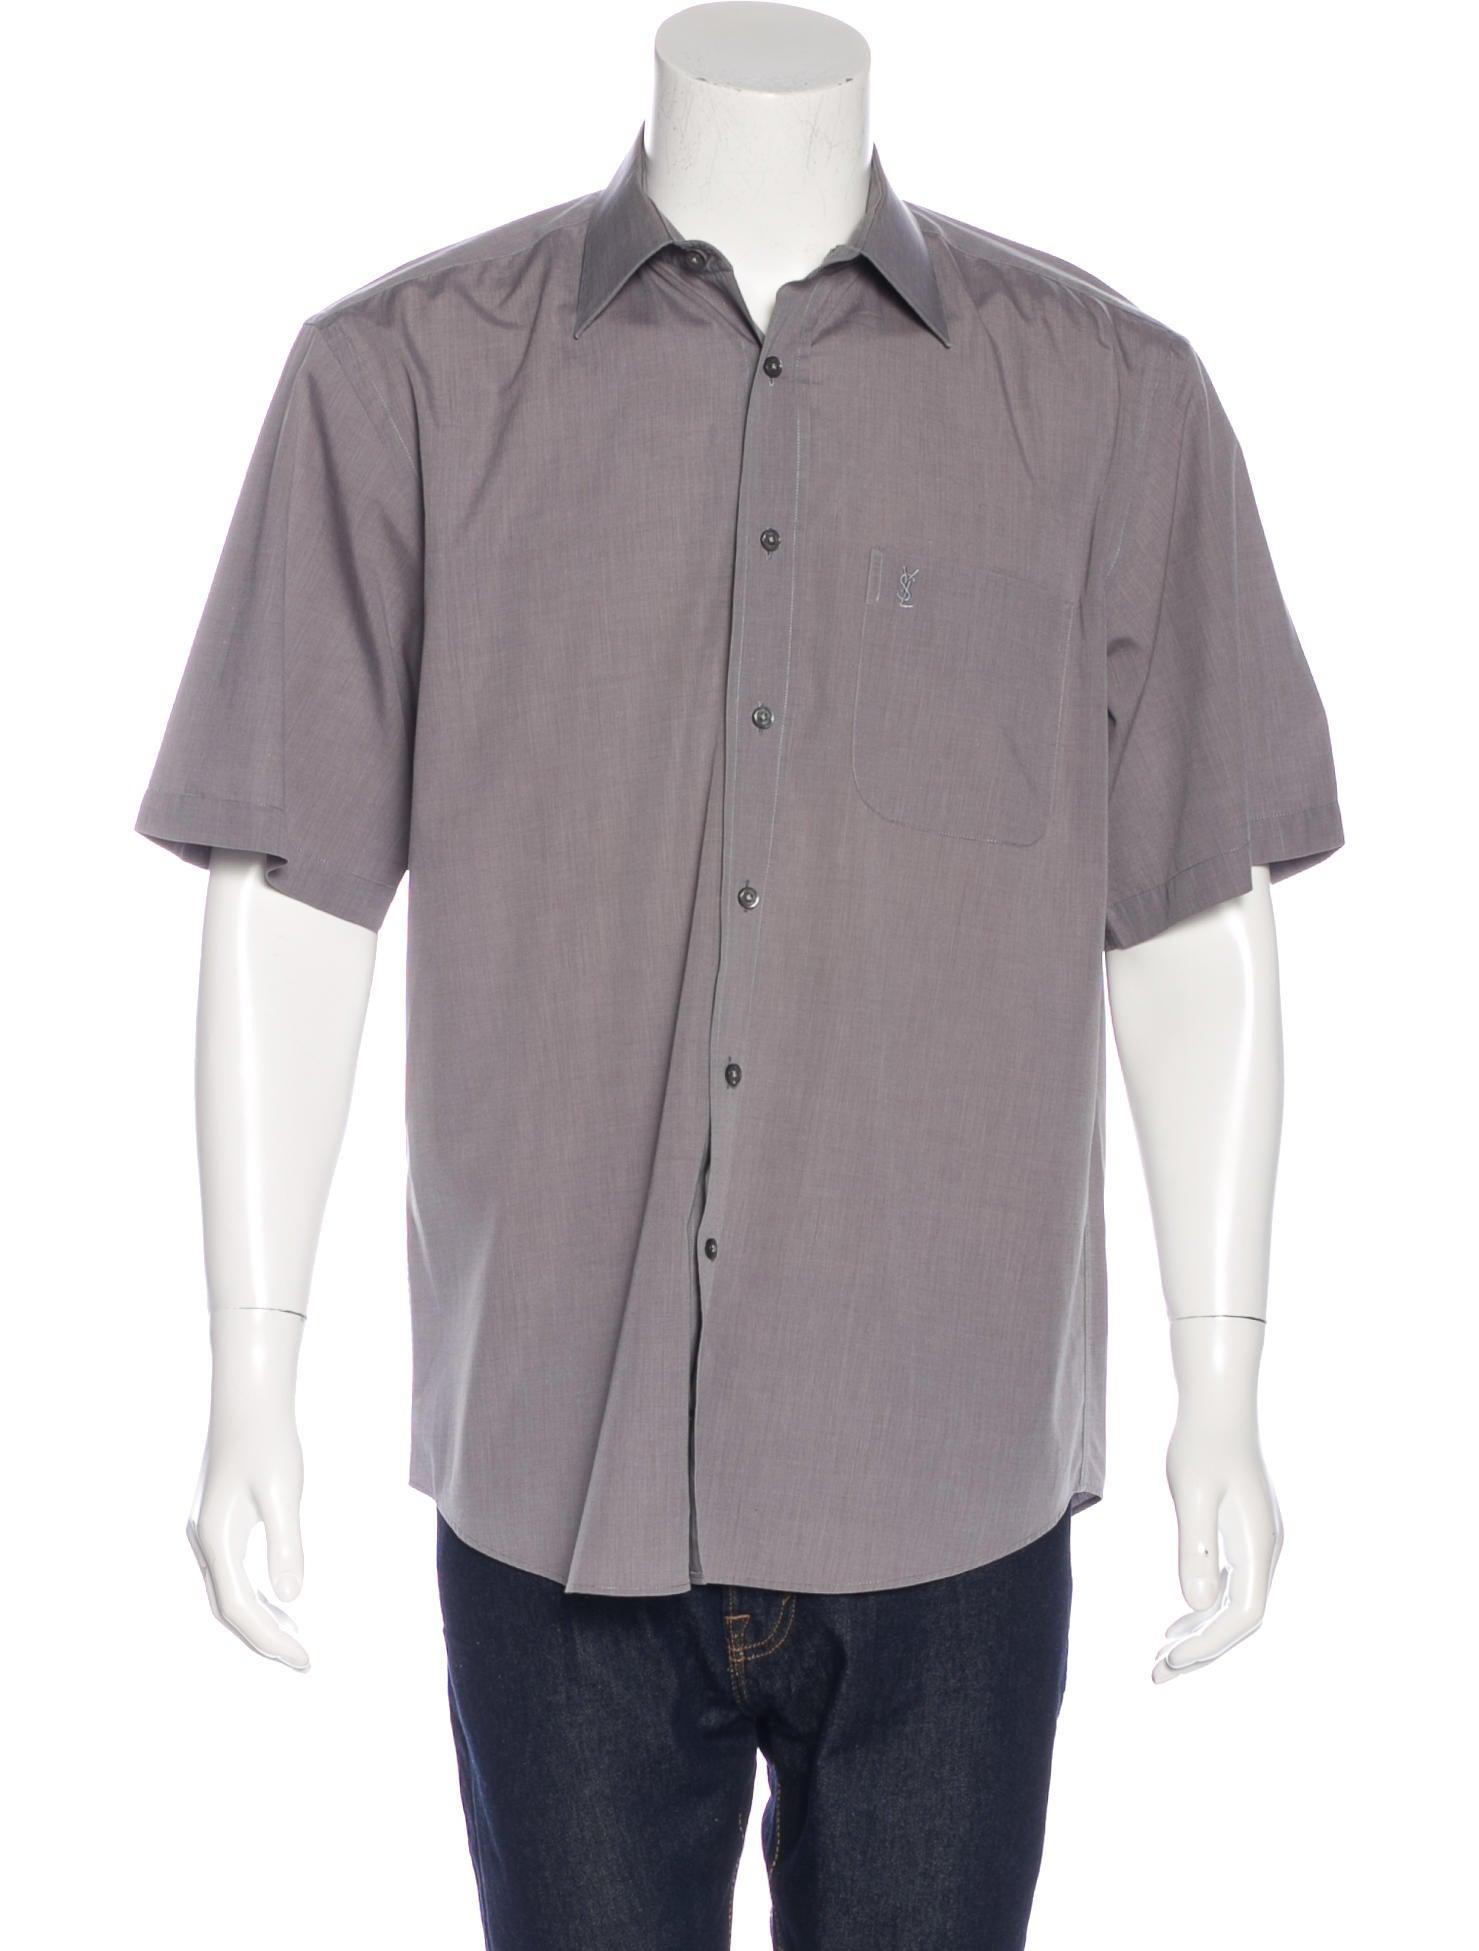 Yves saint laurent woven button up shirt clothing for Yves saint laurent logo shirt